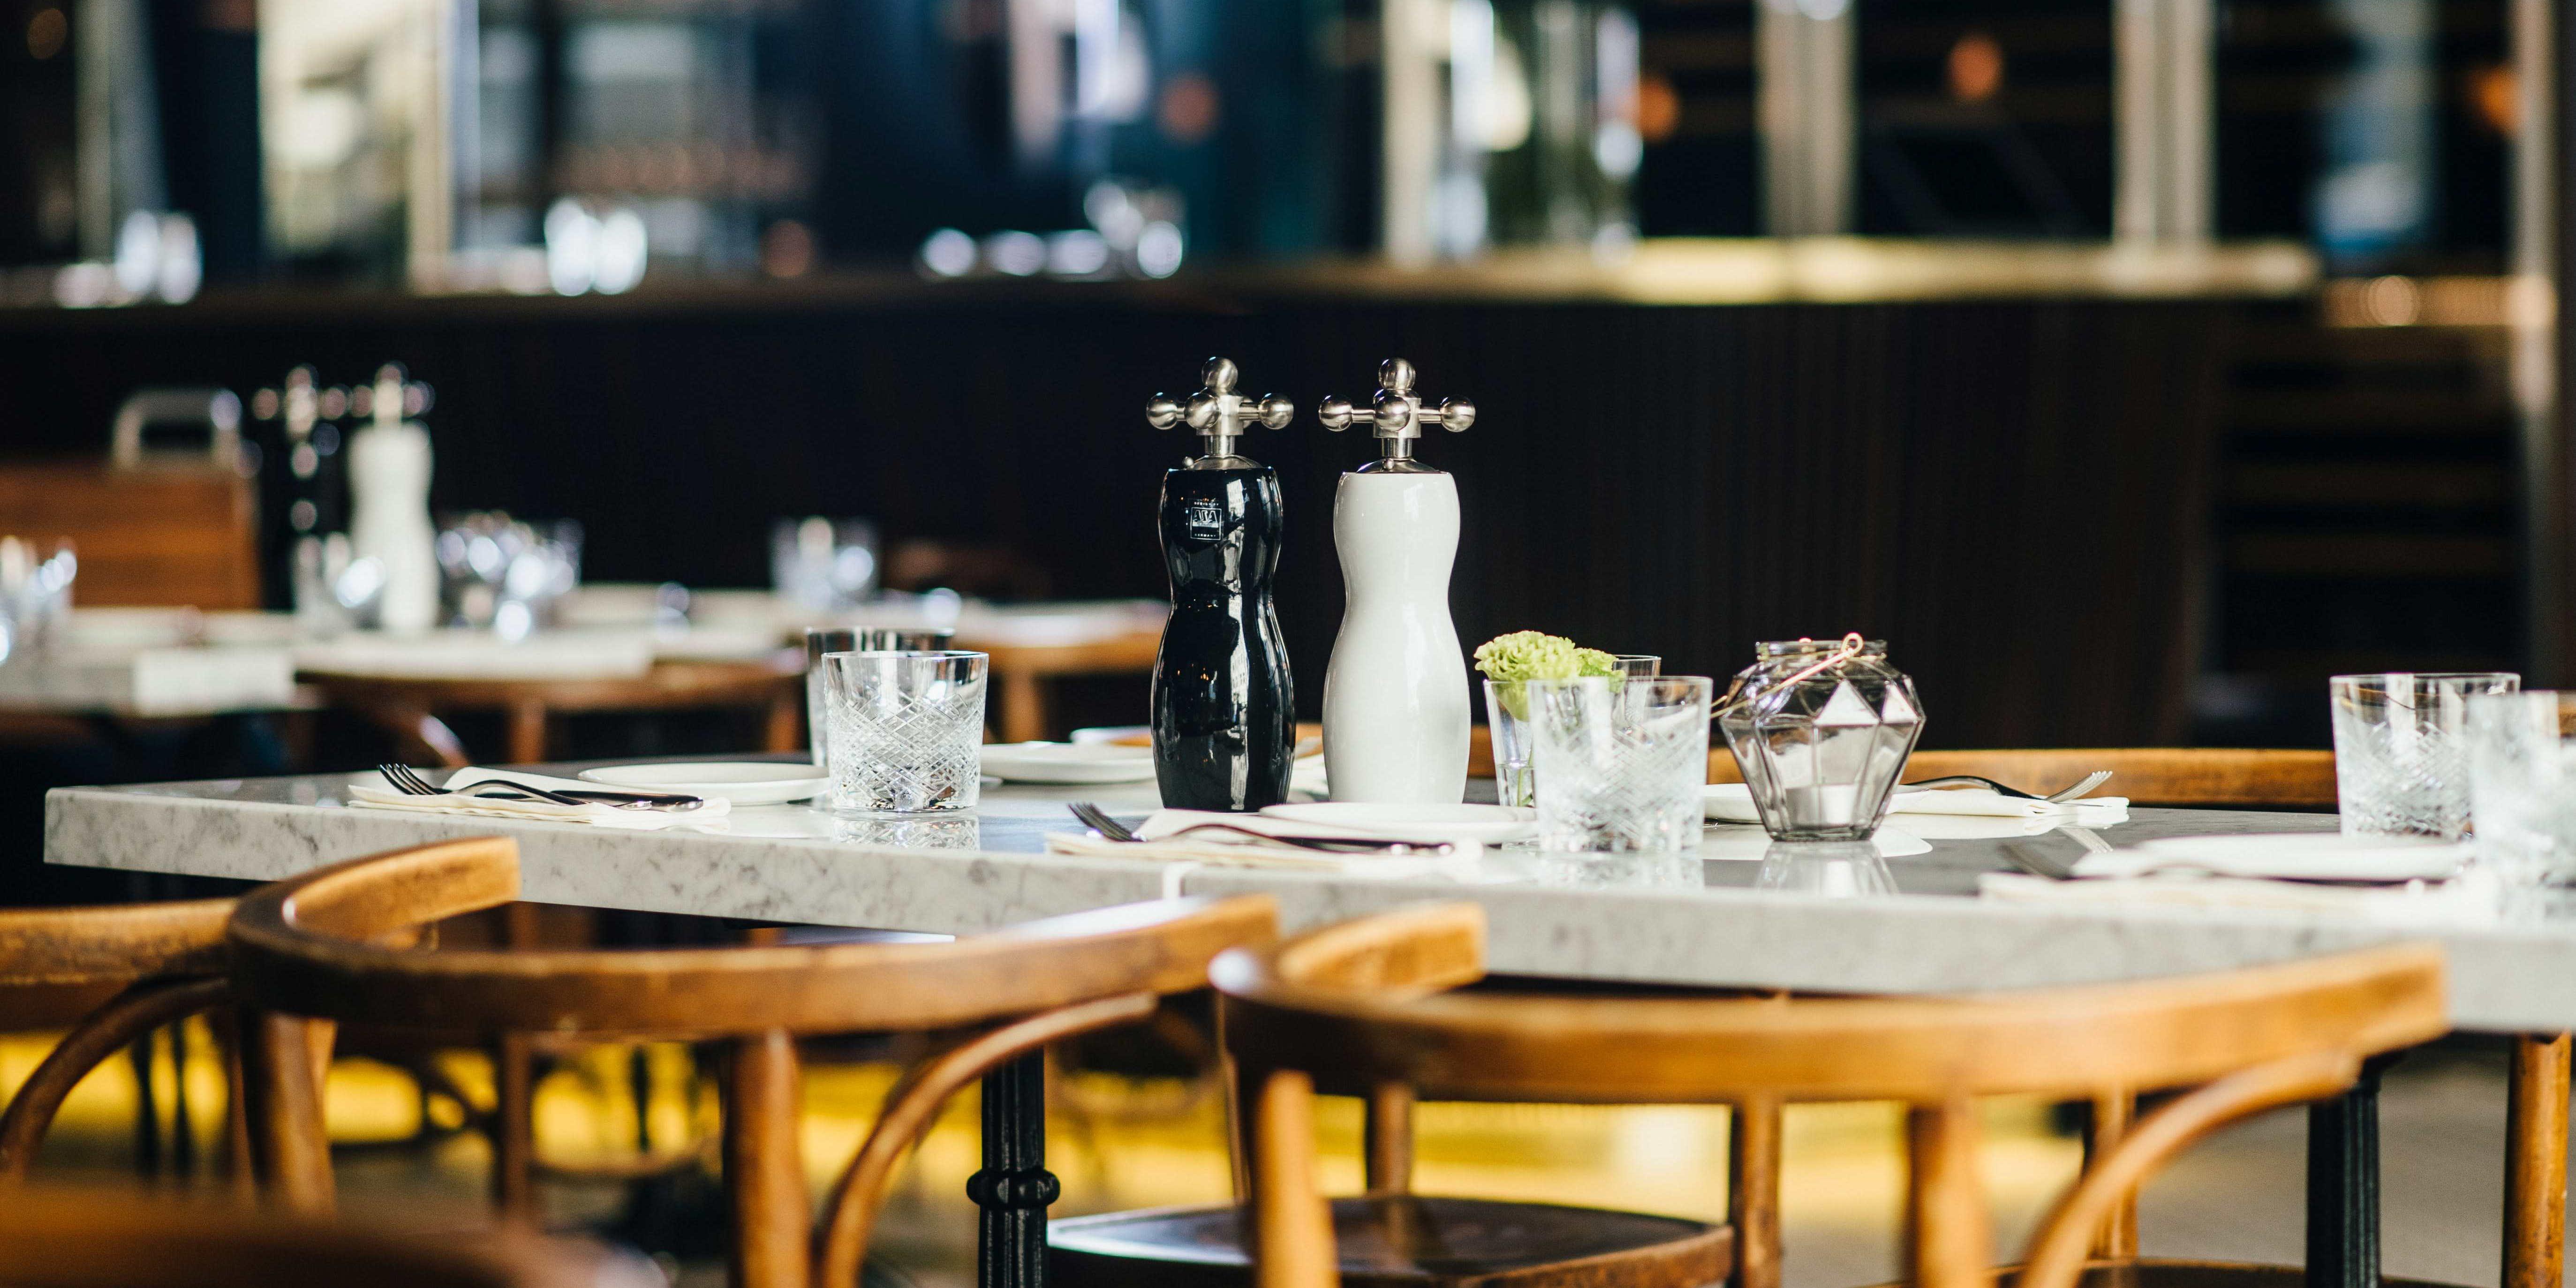 Brasserie Colette Konstanz - Gedeckter Tisch